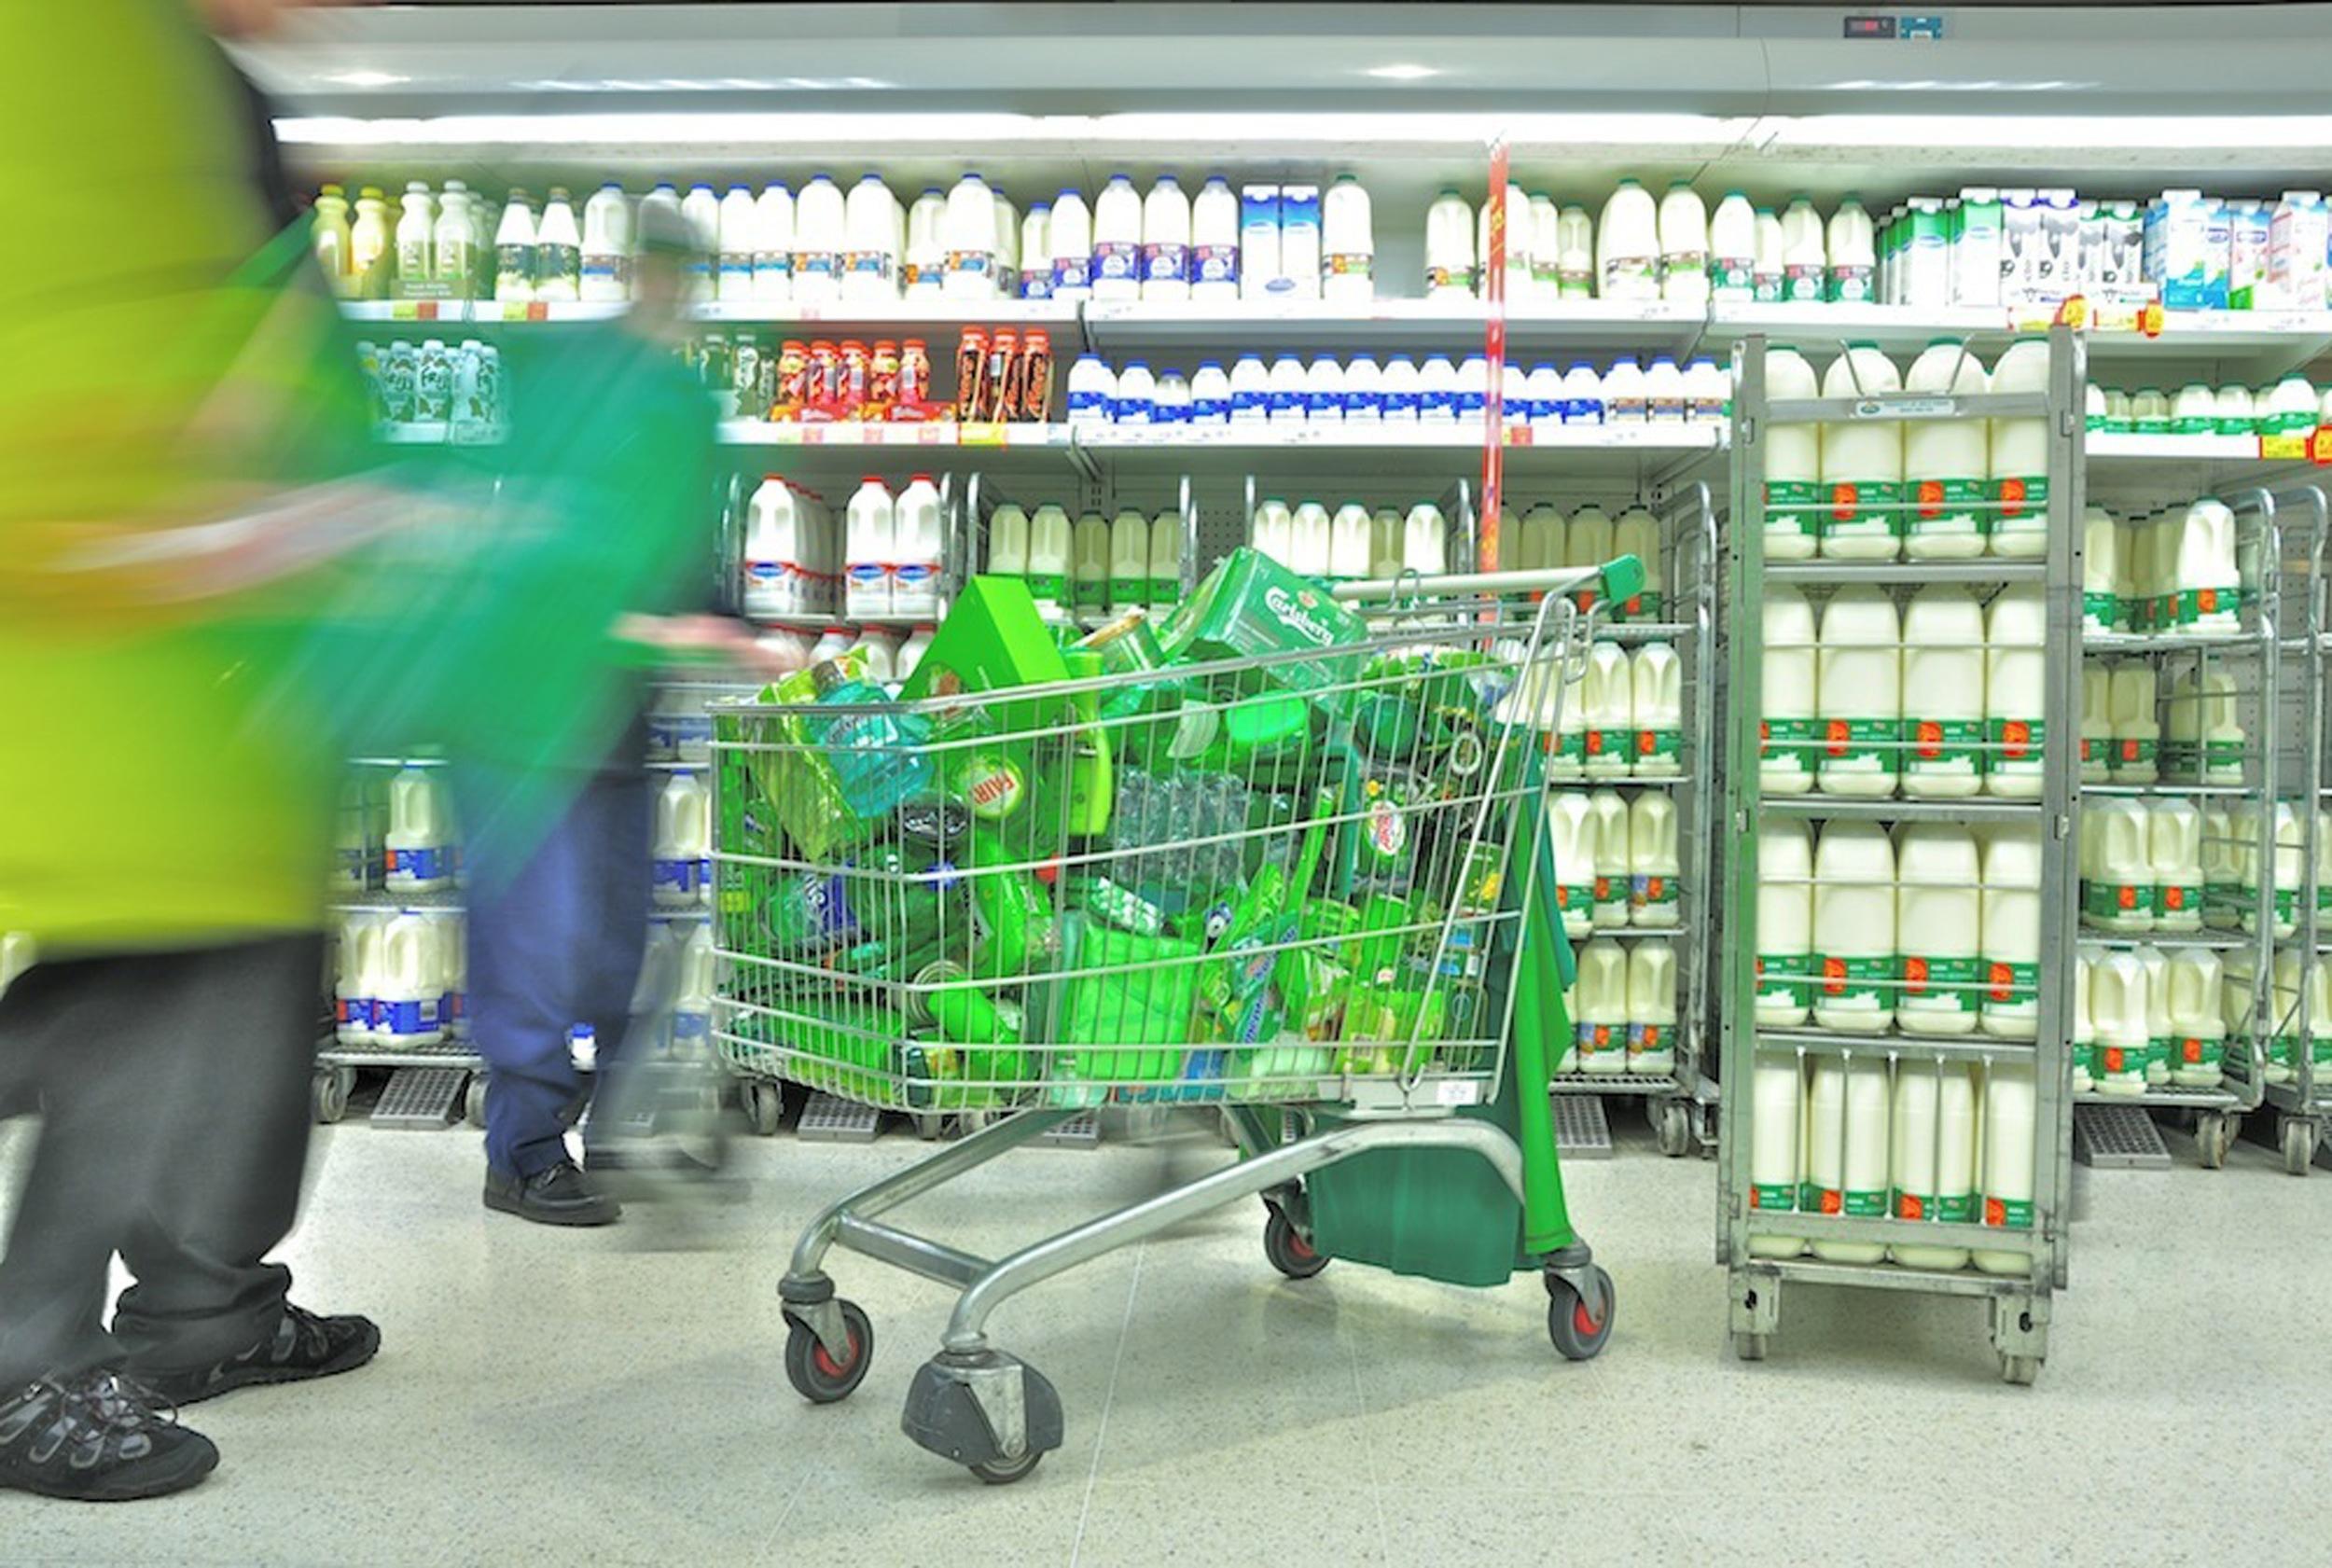 Green Trolley.jpg